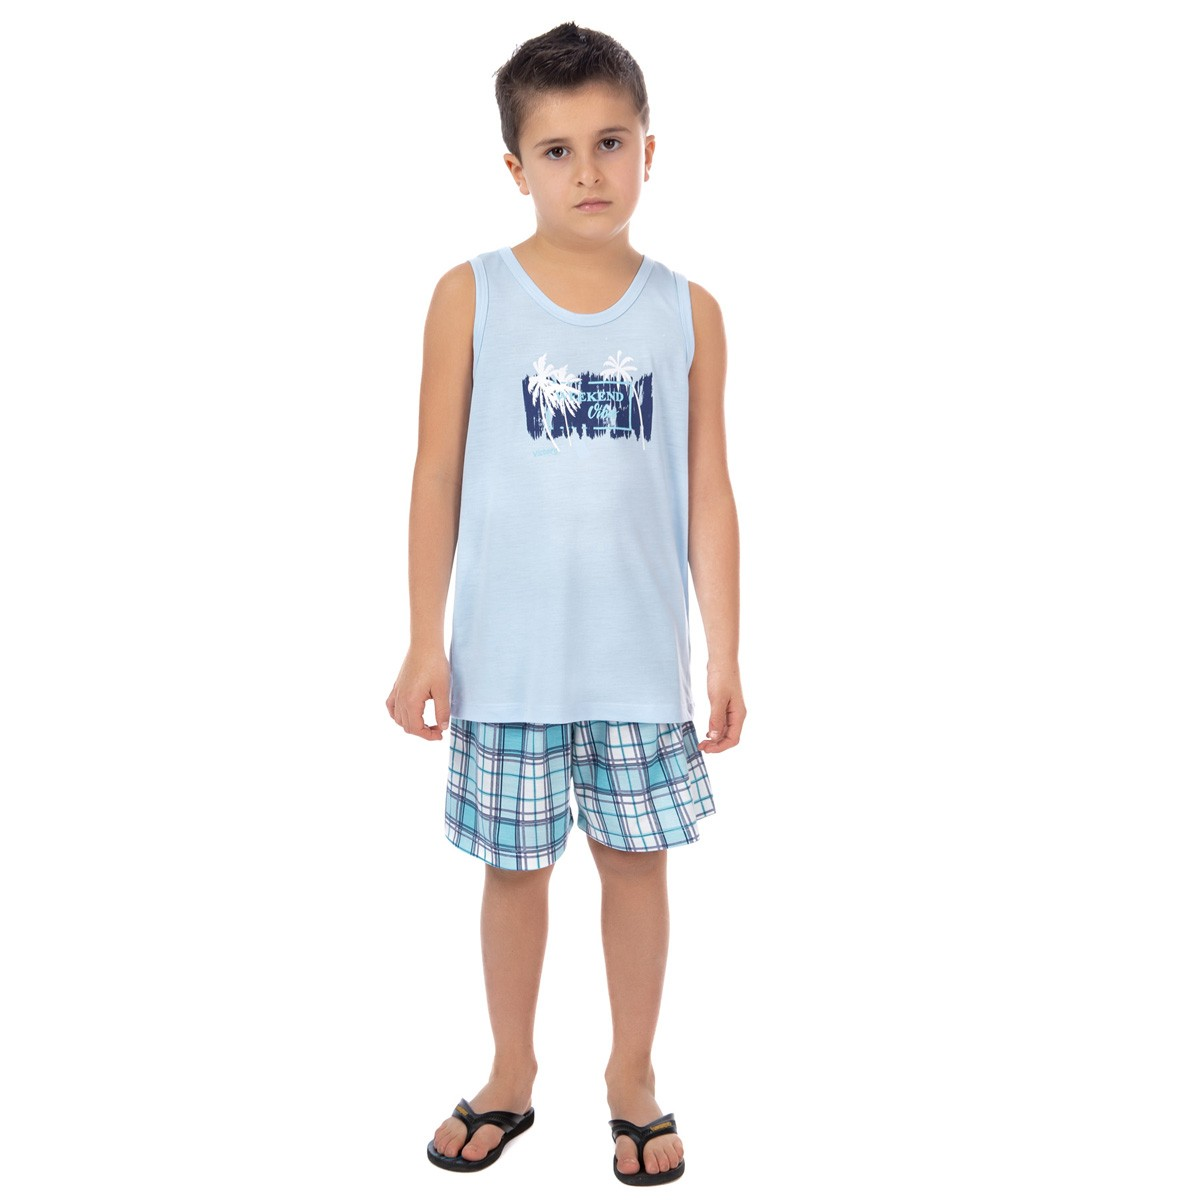 Pijama regata de verão infantil para menino Victory